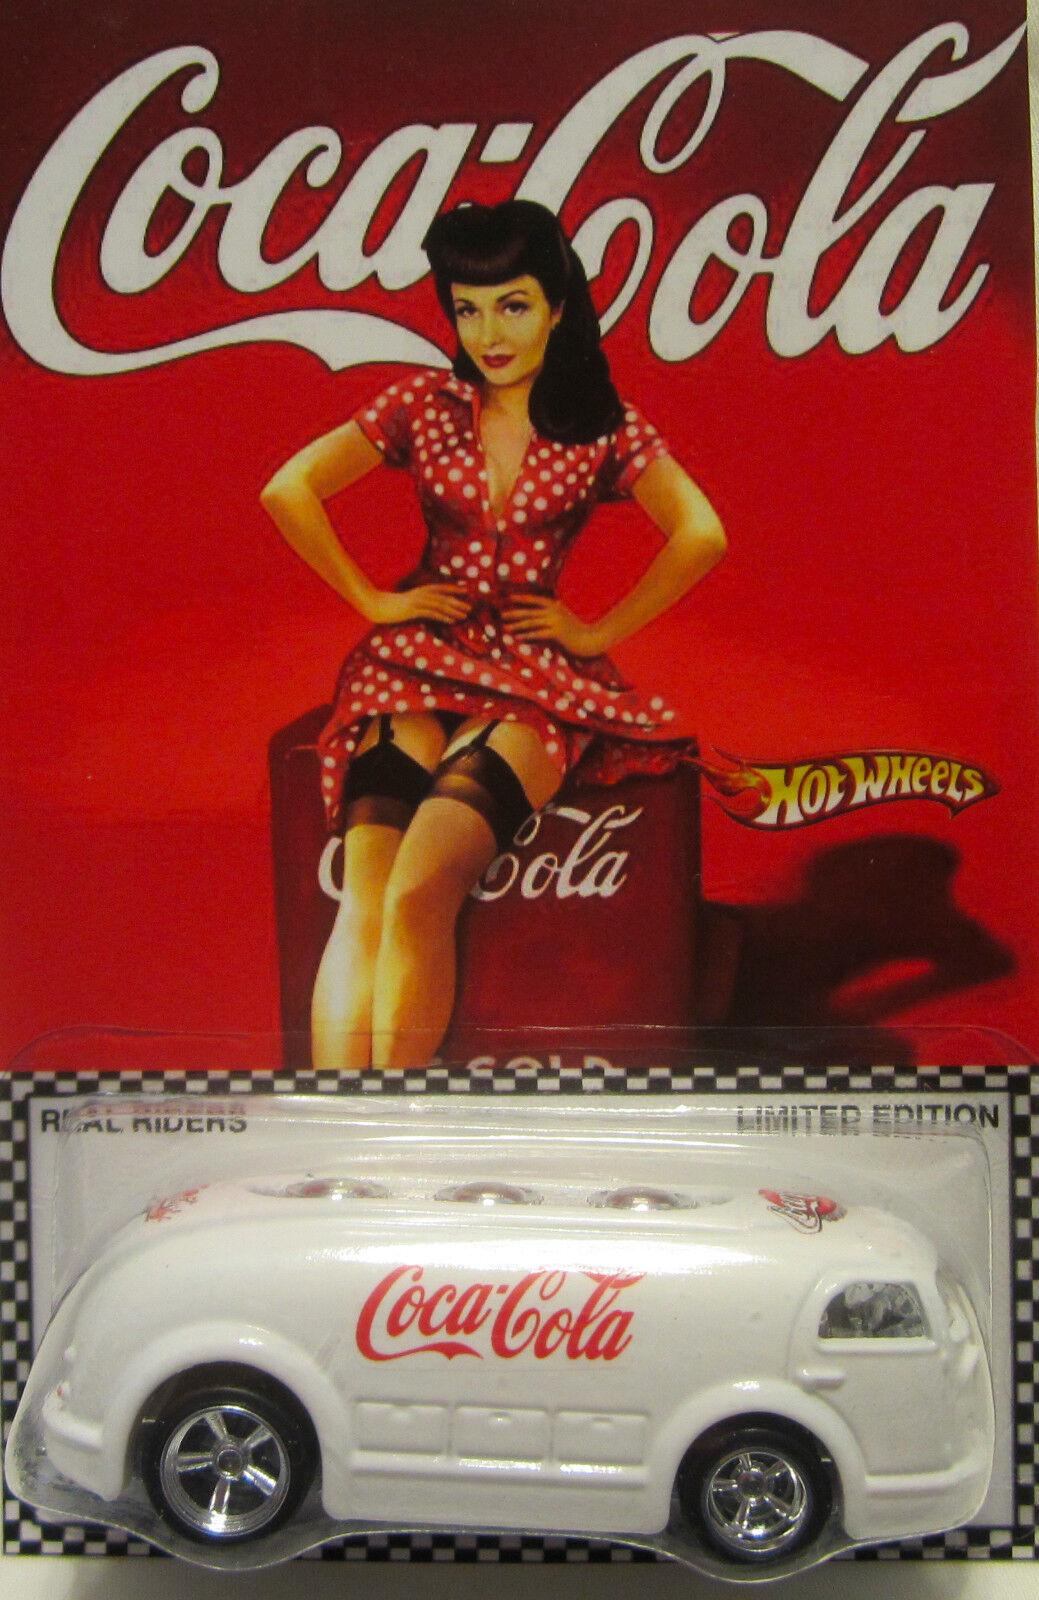 Hot Wtalons Personnalisé Haulin    Gaz Coca-Cola Real Riders Limité 1 5 Fabriqué  avec 100% de qualité et 100% de service